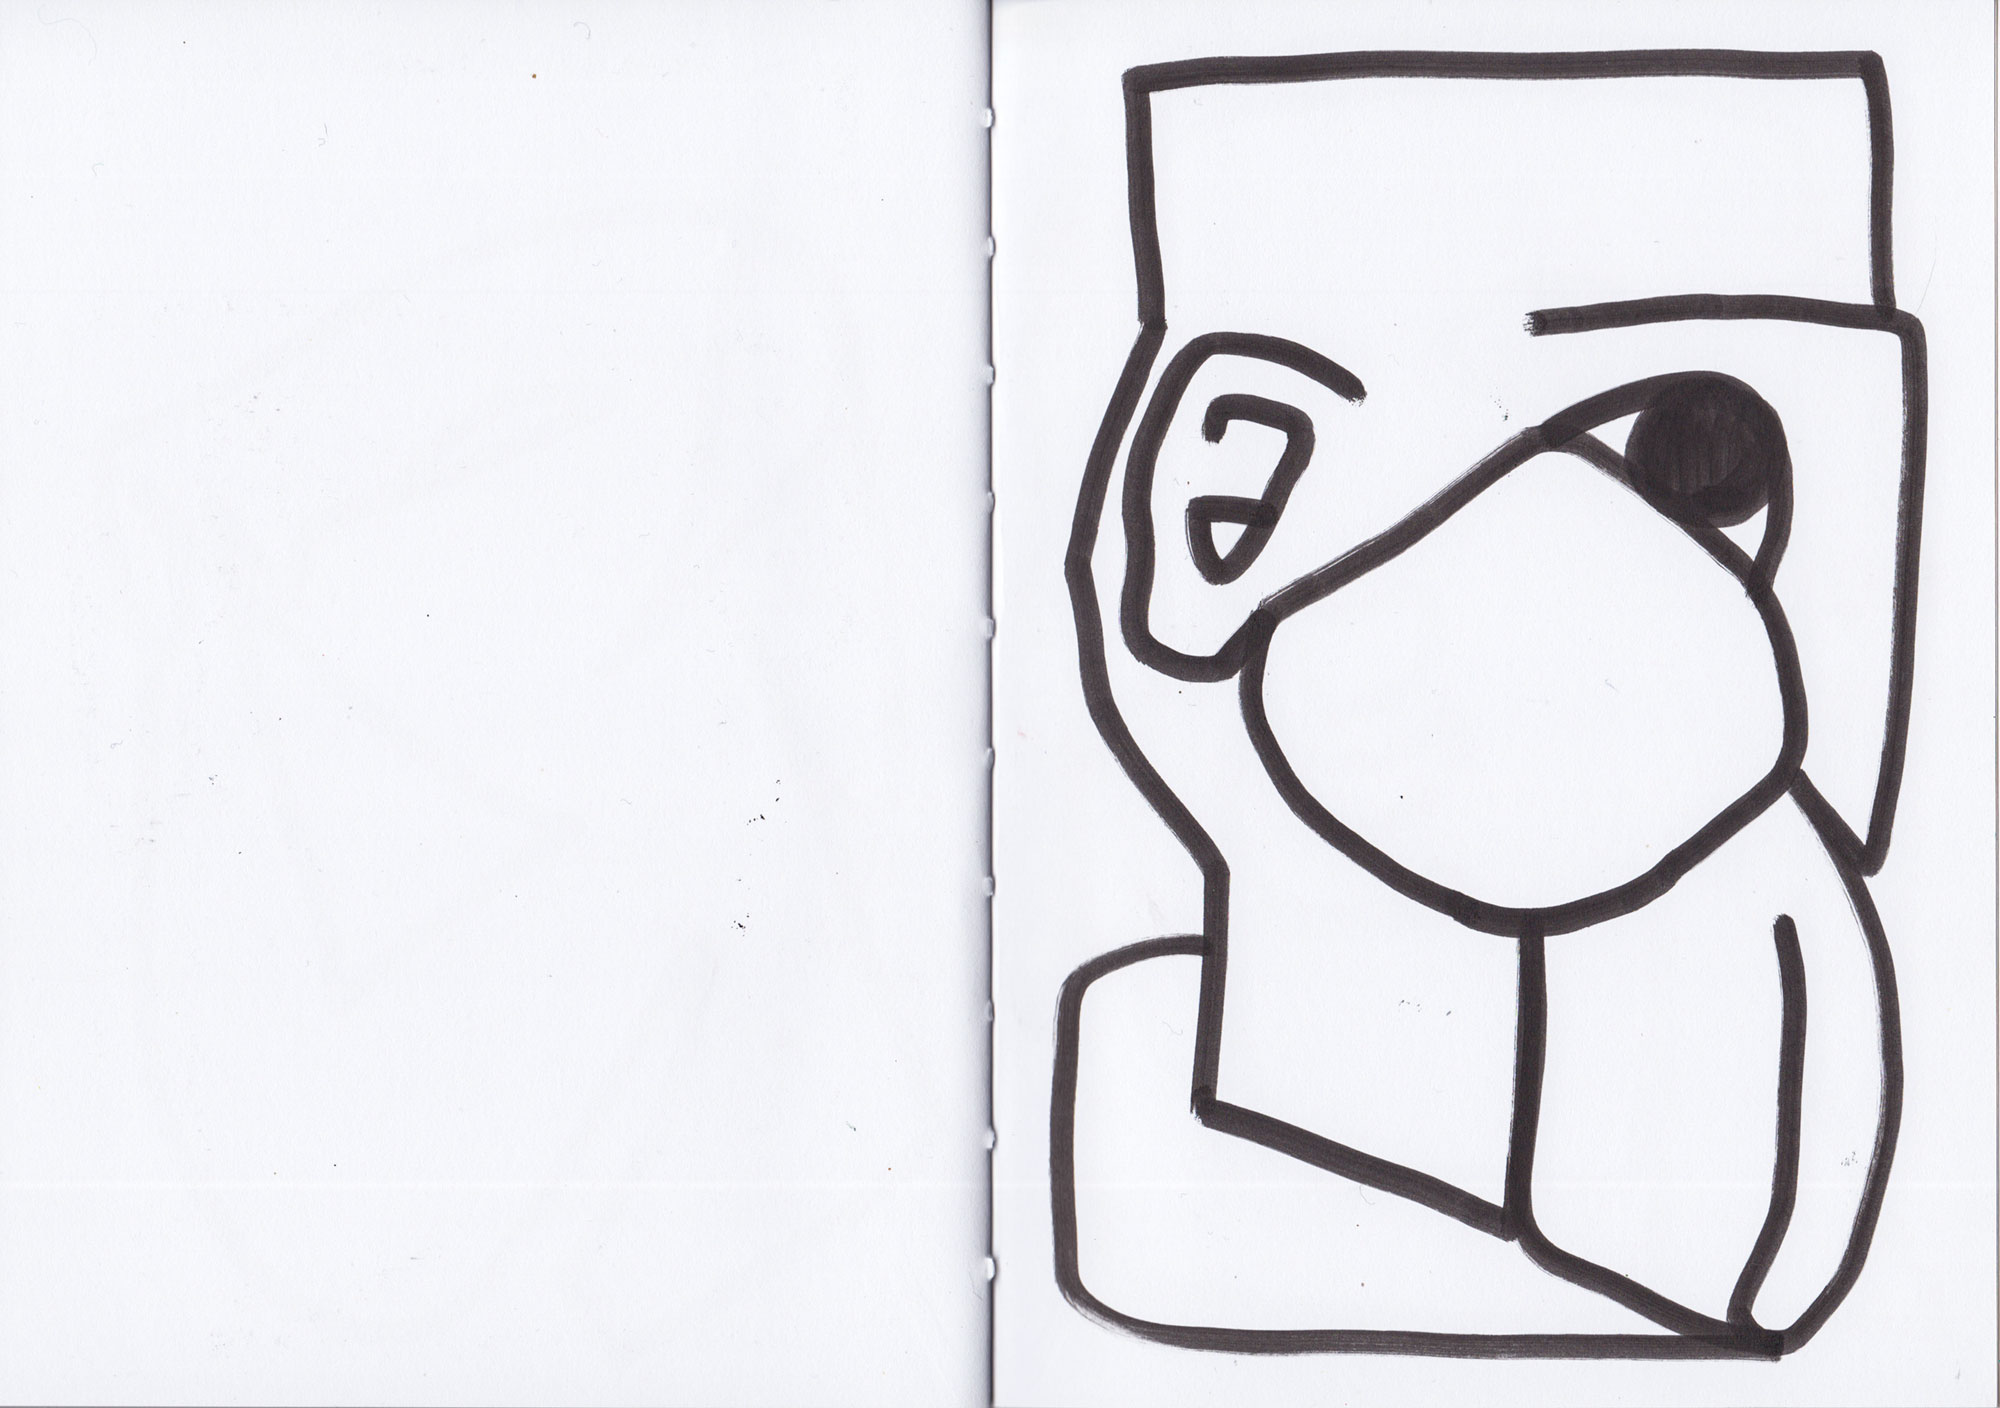 18-Scan-Book-FACES-DA-32